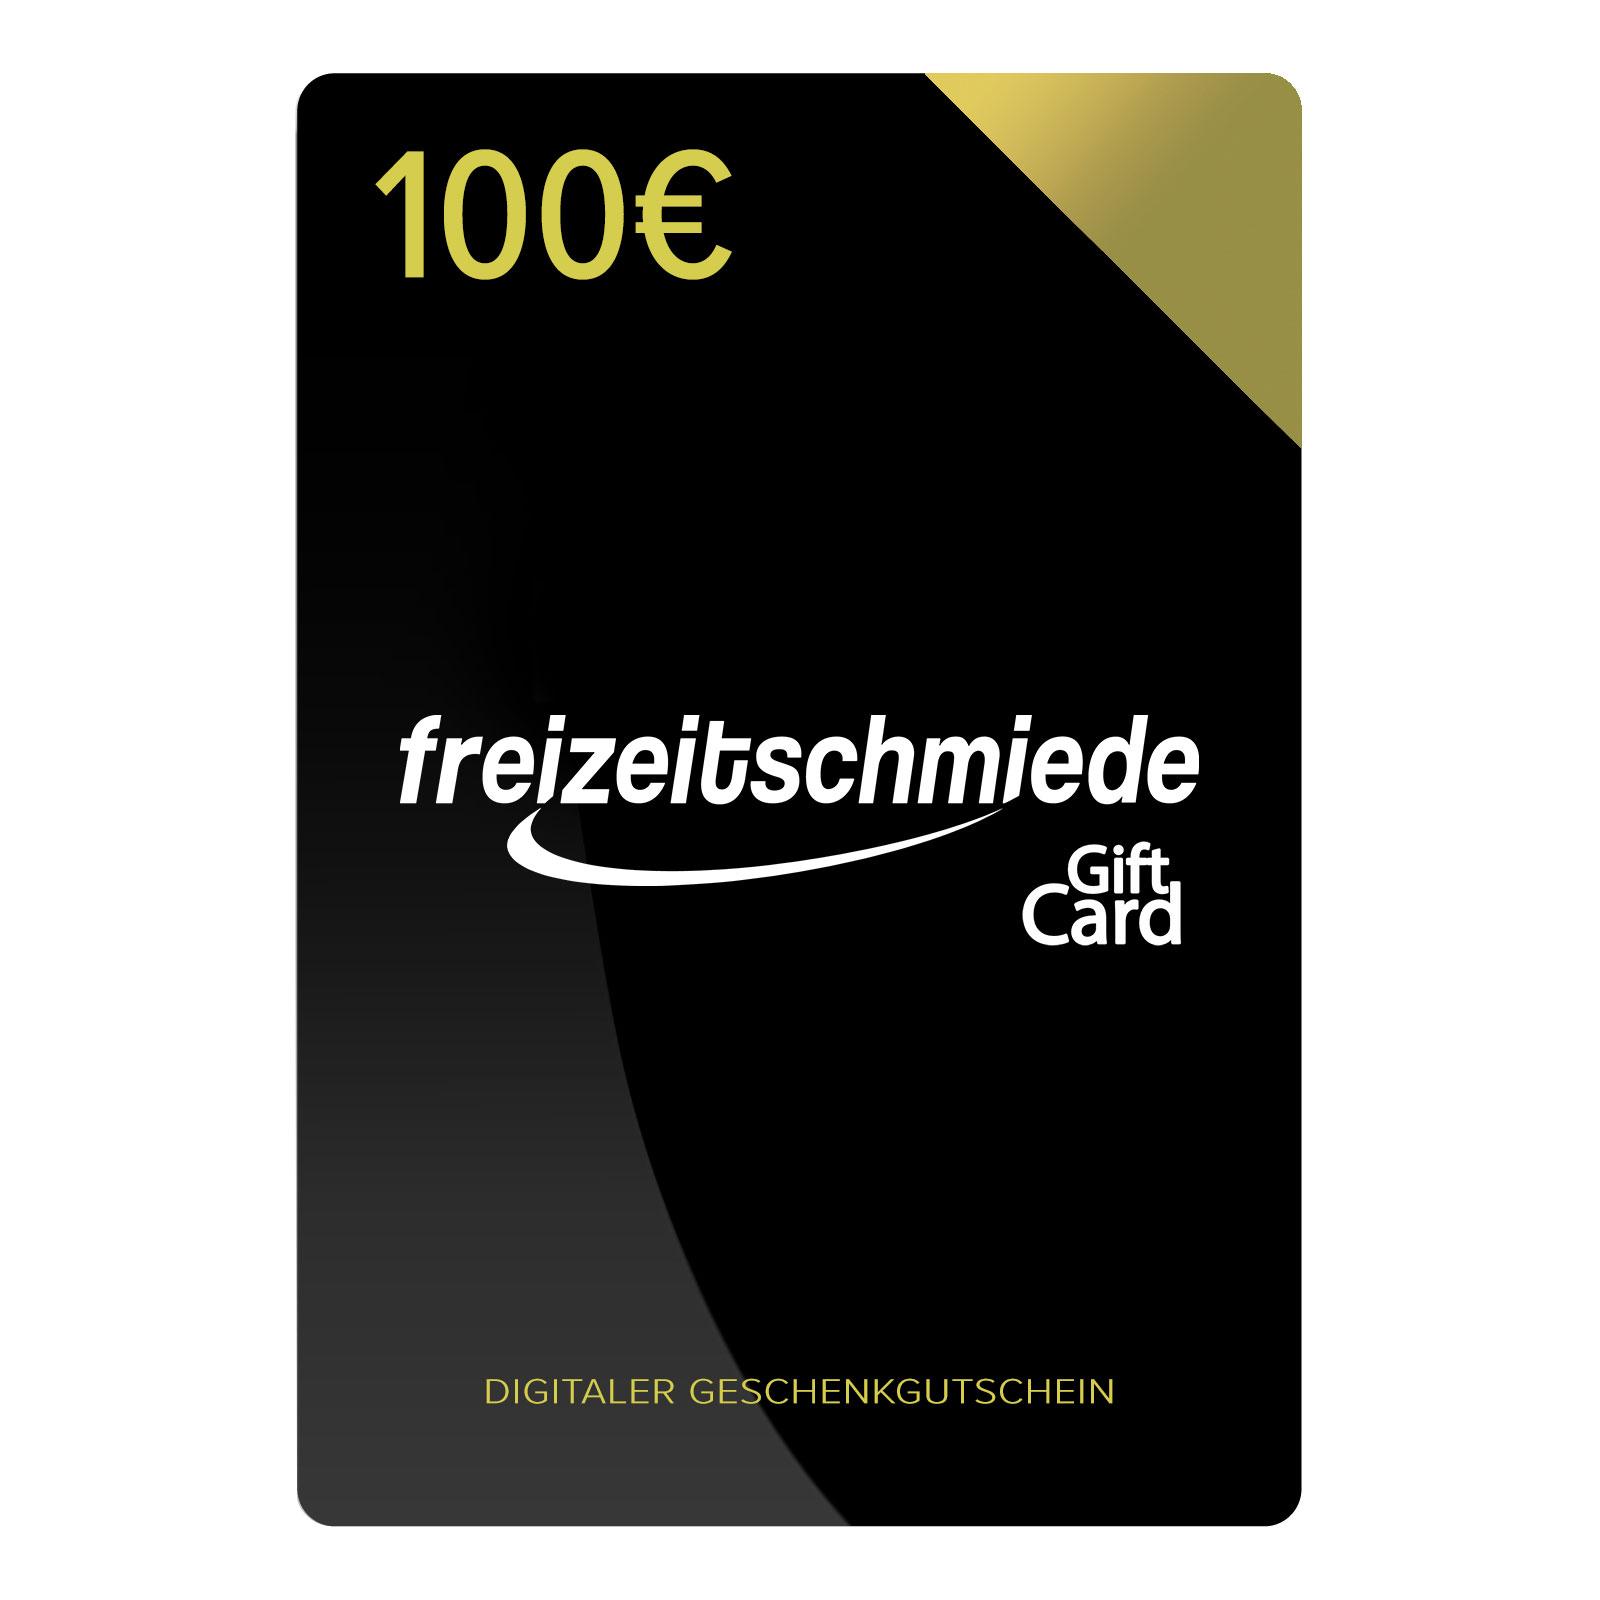 Digitaler Geschenkgutschein im Wert von 100 EUR